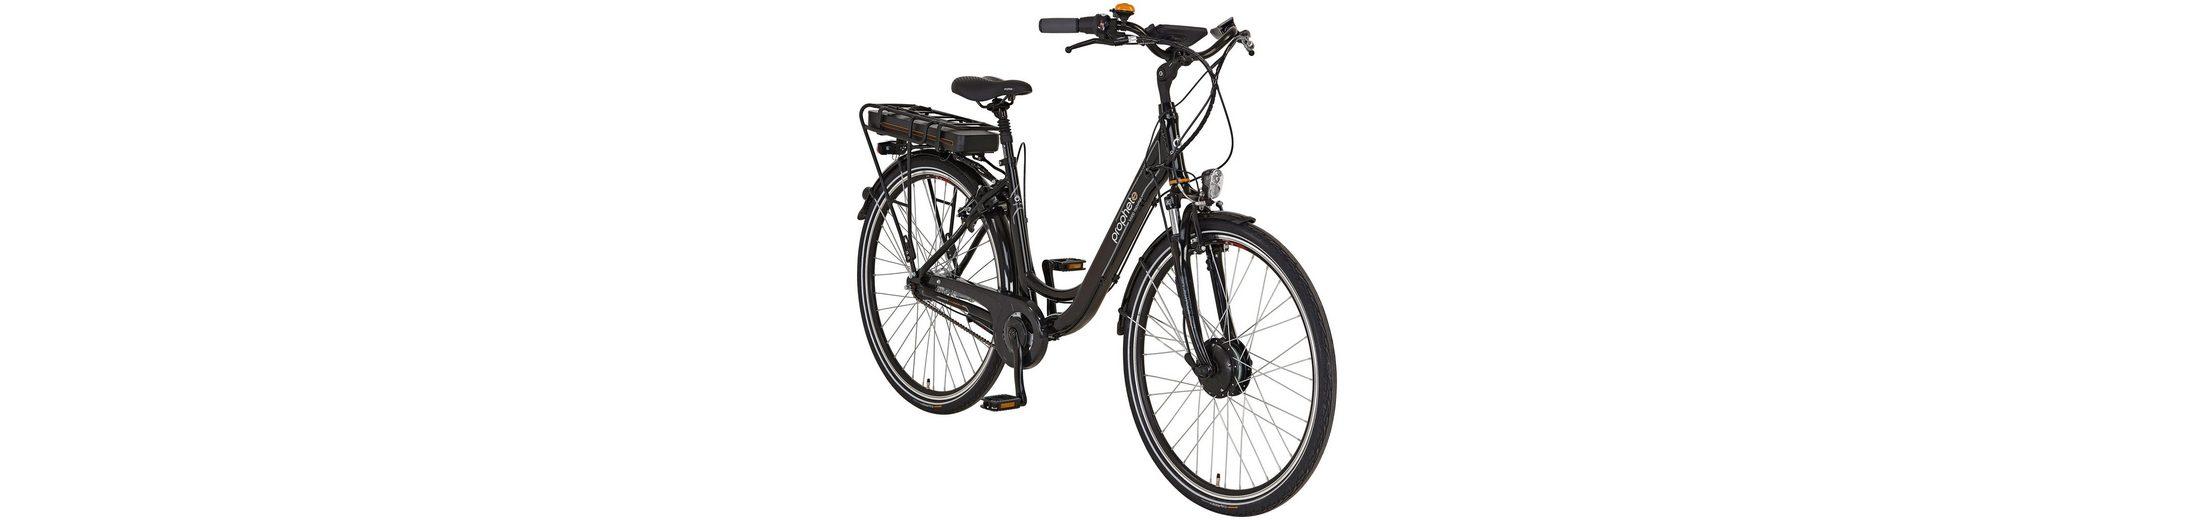 E-Bike City Damen »Navigator 6.01«, 28 Zoll, 7 Gang, Frontmotor, 468 Wh